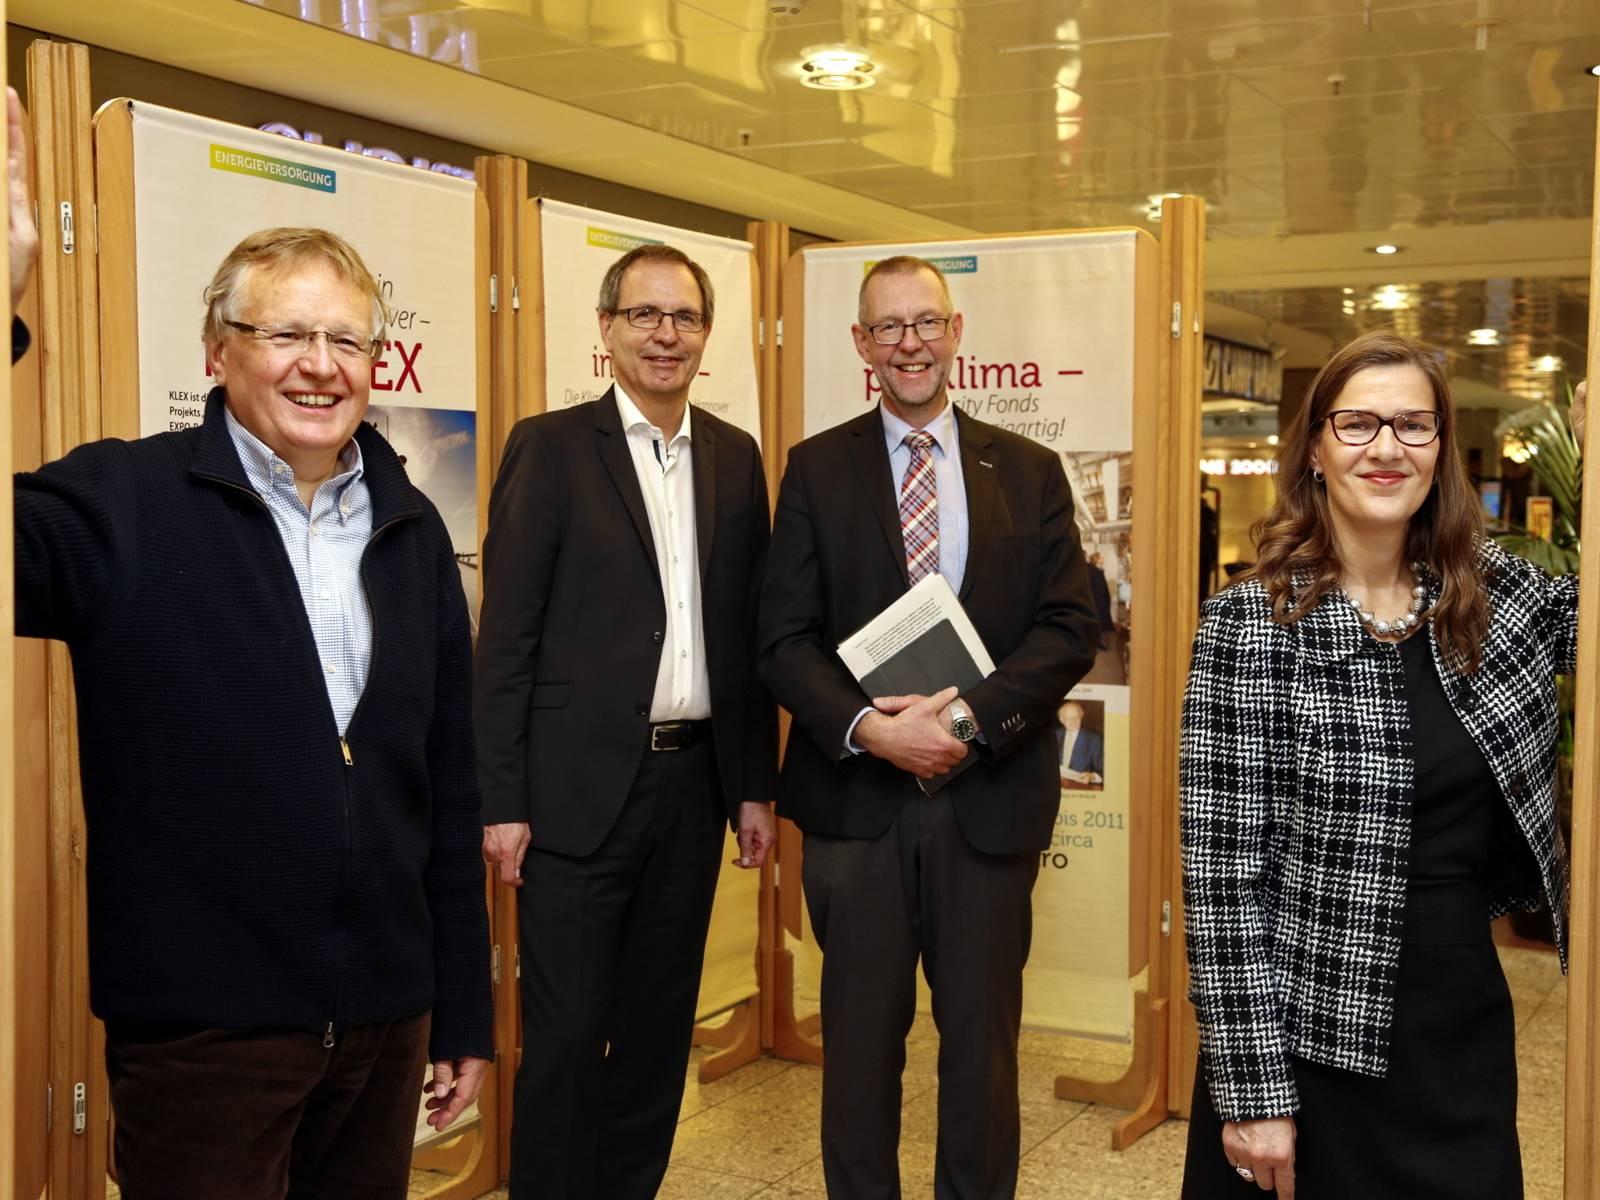 Eine Frau und drei Herren stehen für ein Bild zusammen. Im Hintergrund stehen Stellwände.